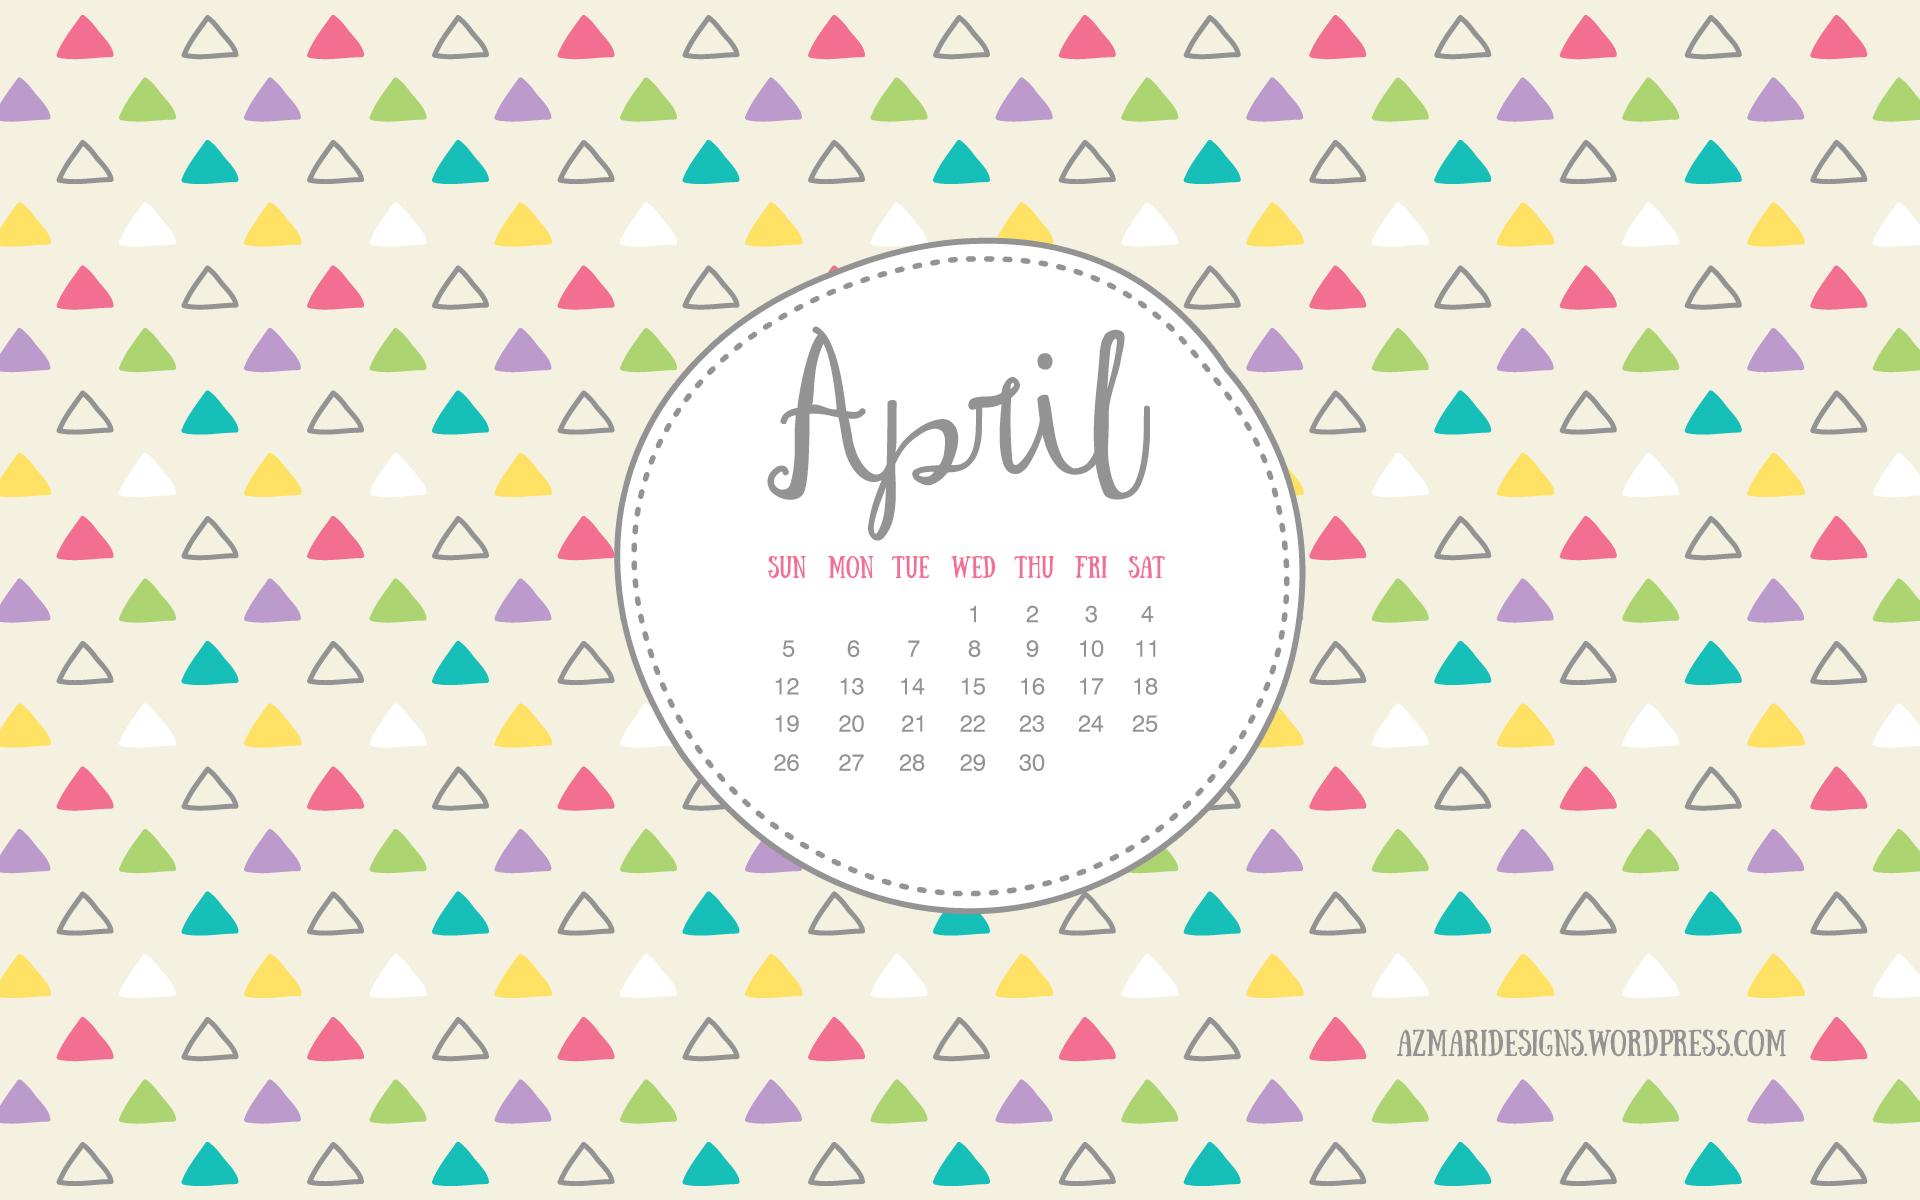 April 2015 Desktop Wallpaper Calendar 1920x1200